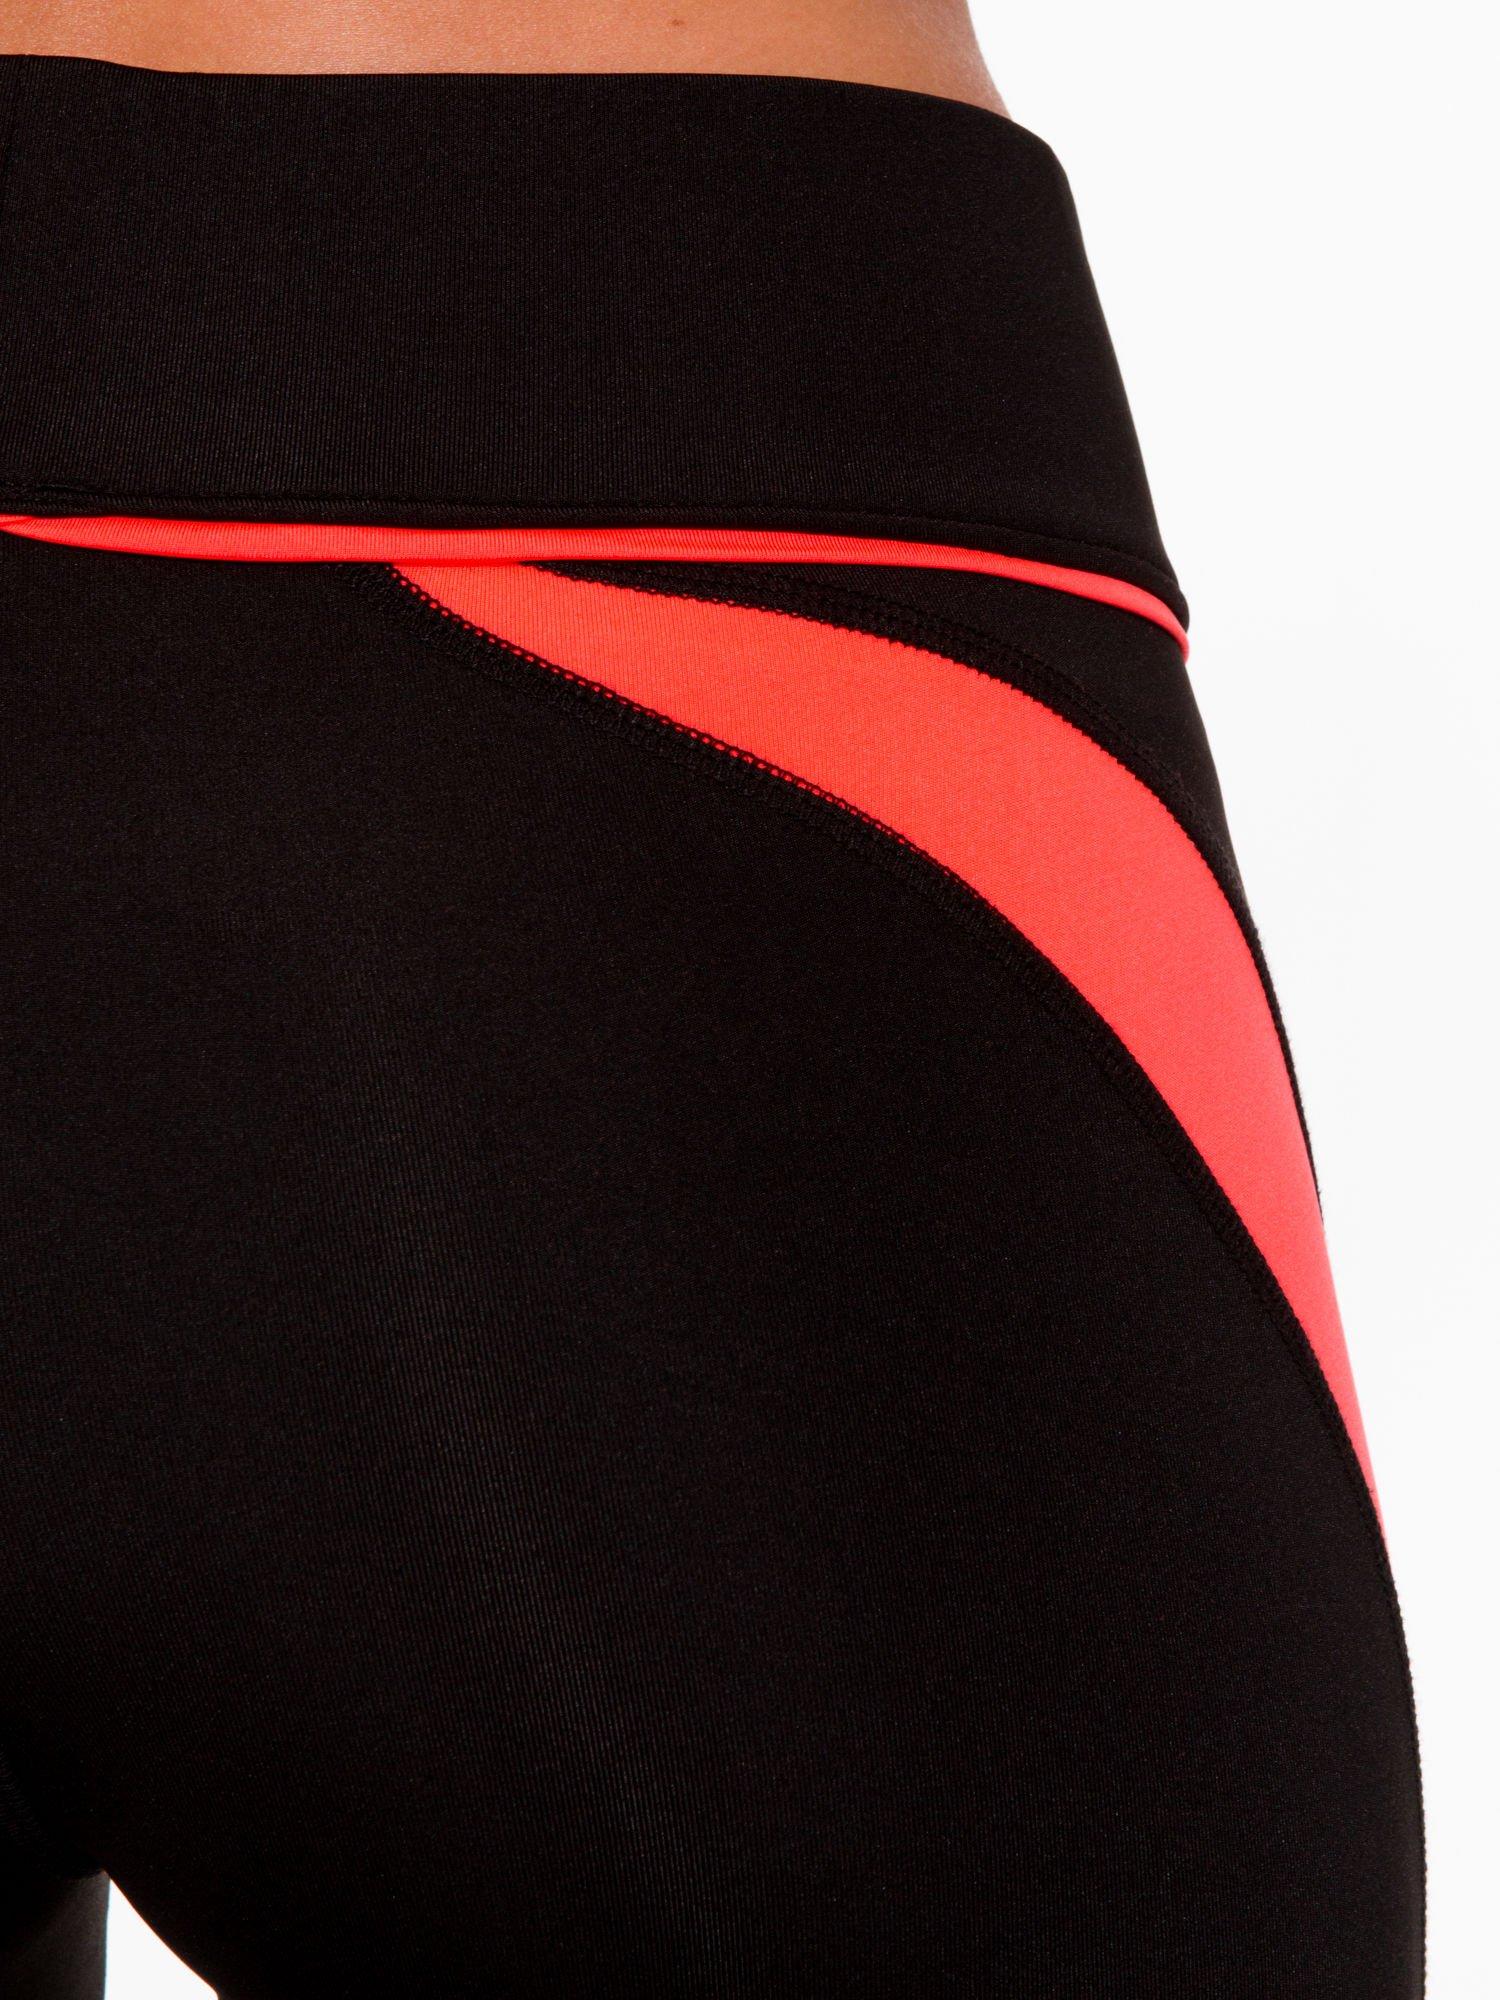 Czarne termoaktywne legginsy do biegania z fluoróżowymi lampasami ♦ Performance RUN                                  zdj.                                  7